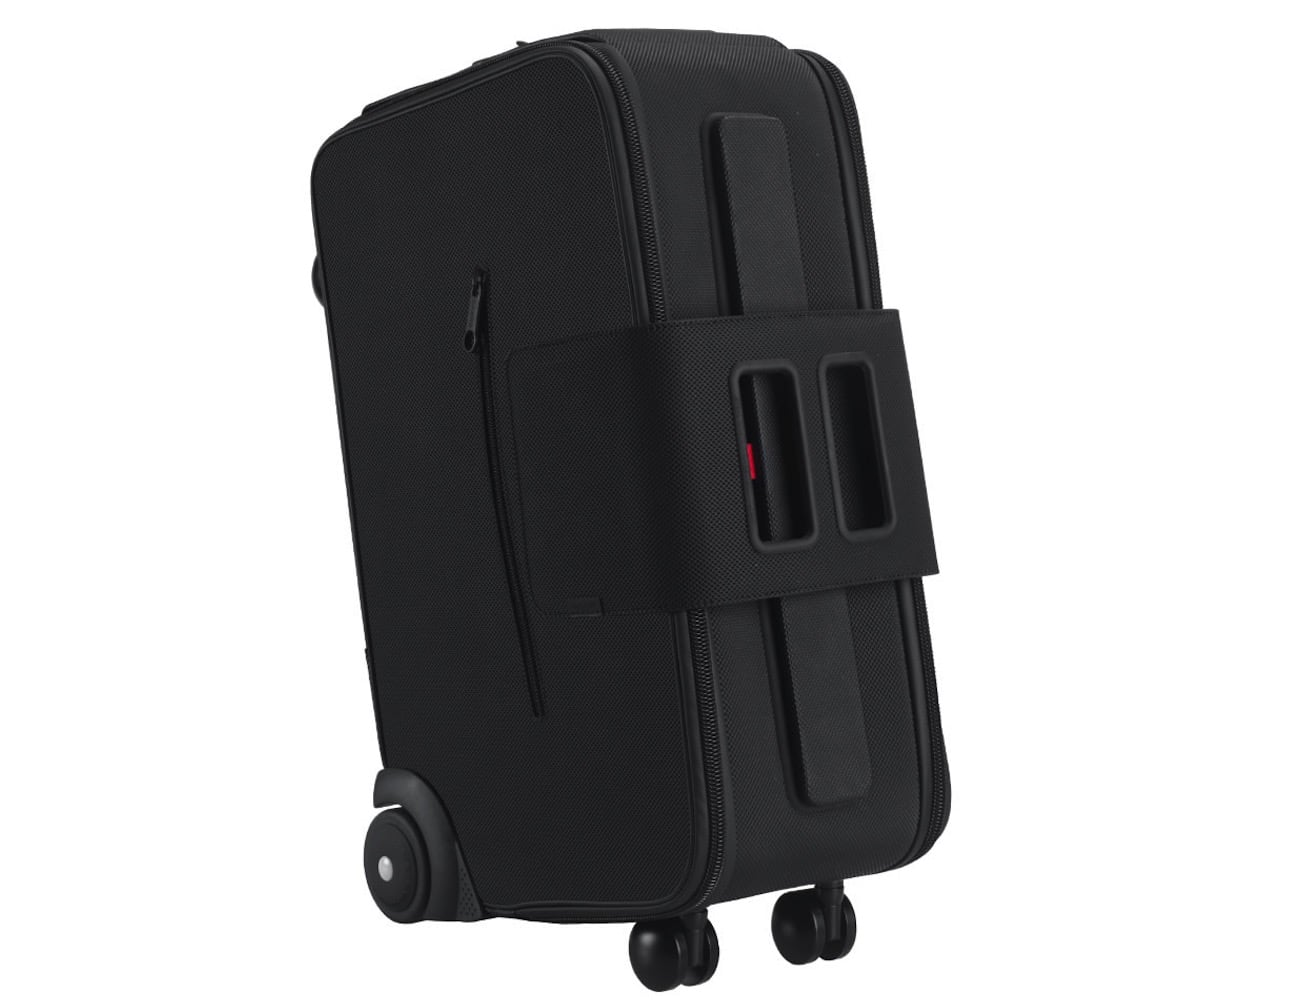 Daard iby6 6-Wheel Rolling Suitcase